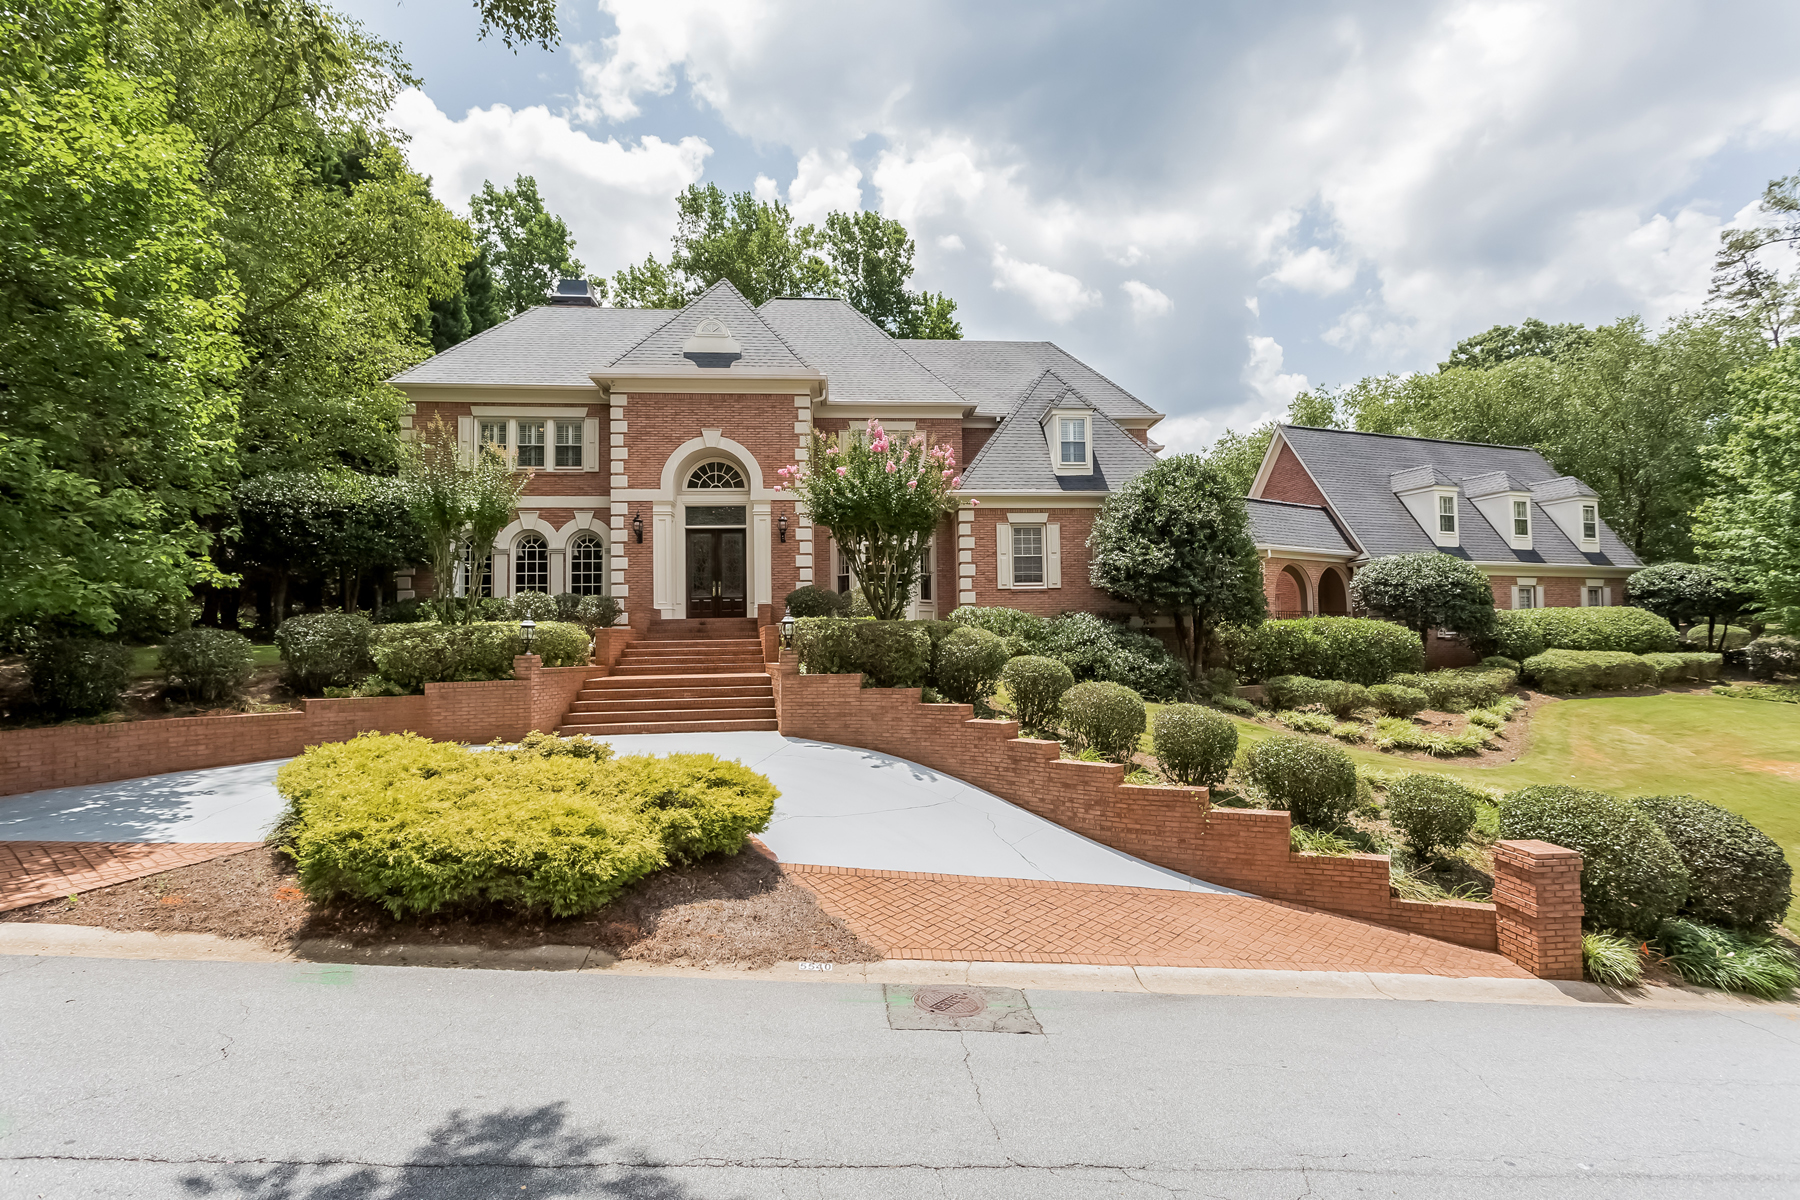 Maison unifamiliale pour l Vente à Expansive East Cobb Custom Home 5540 Waterford Green Glen Marietta, Georgia, 30068 États-Unis